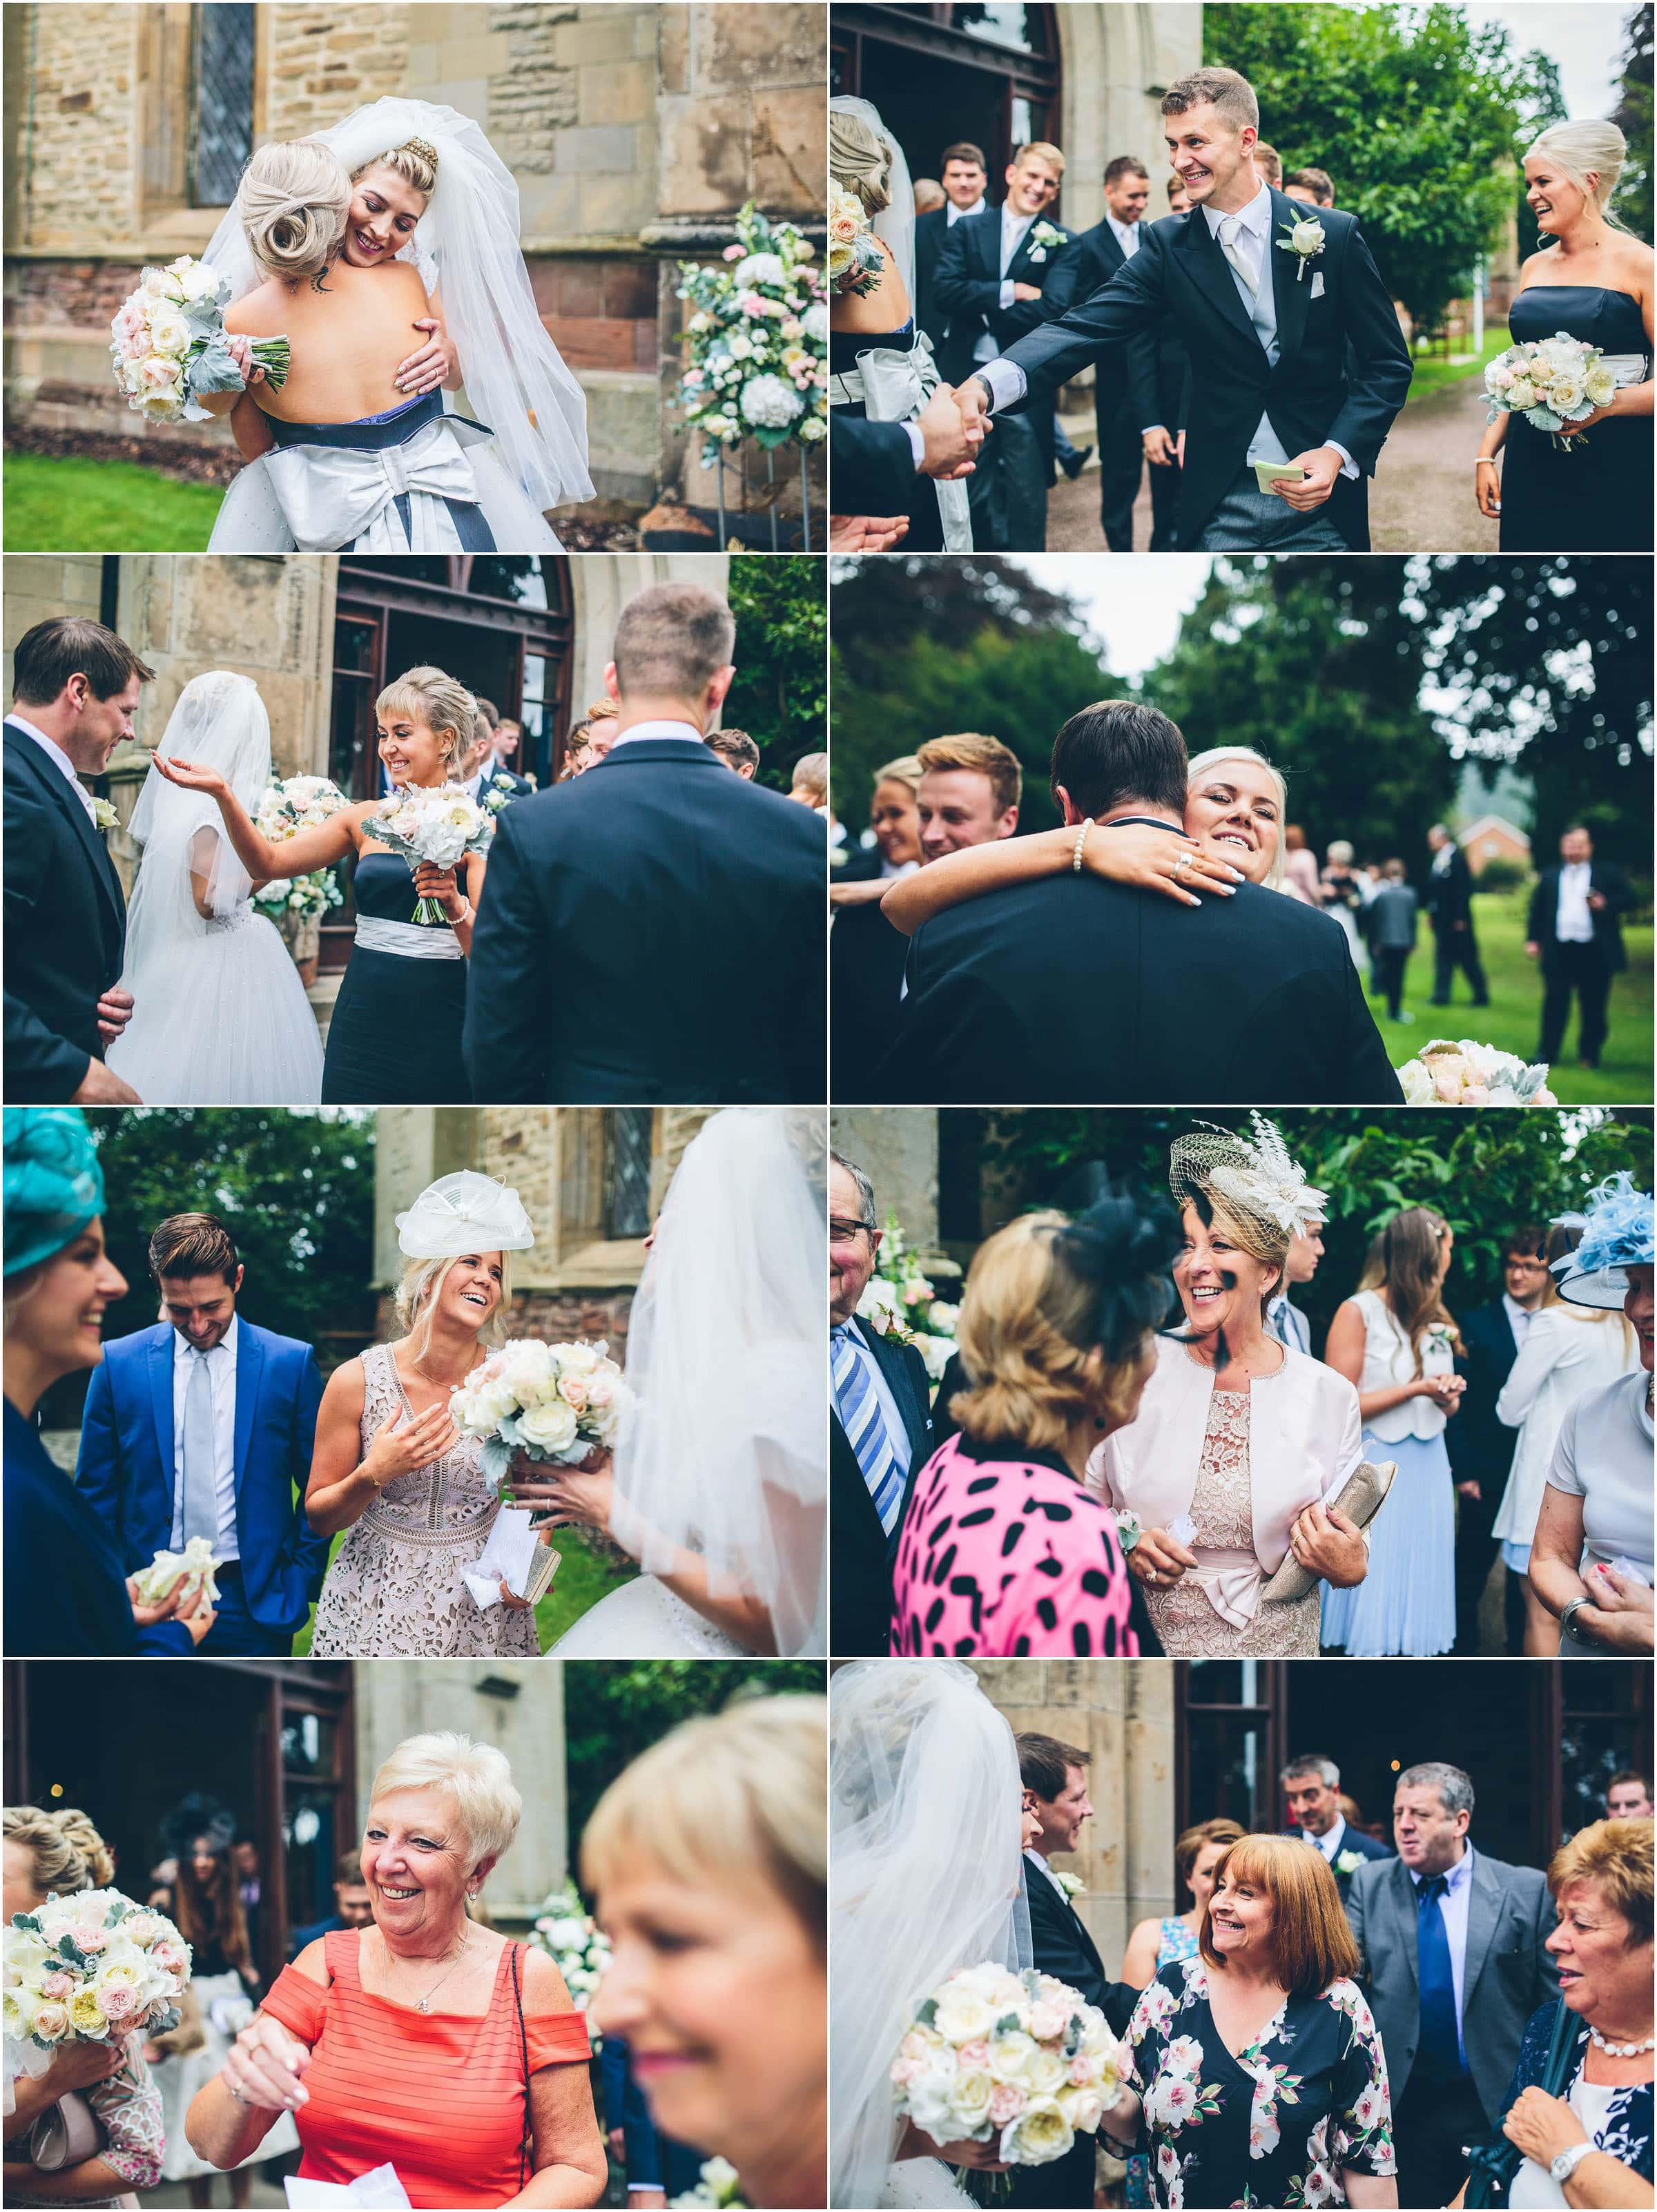 shropshire_wedding_photography_0052